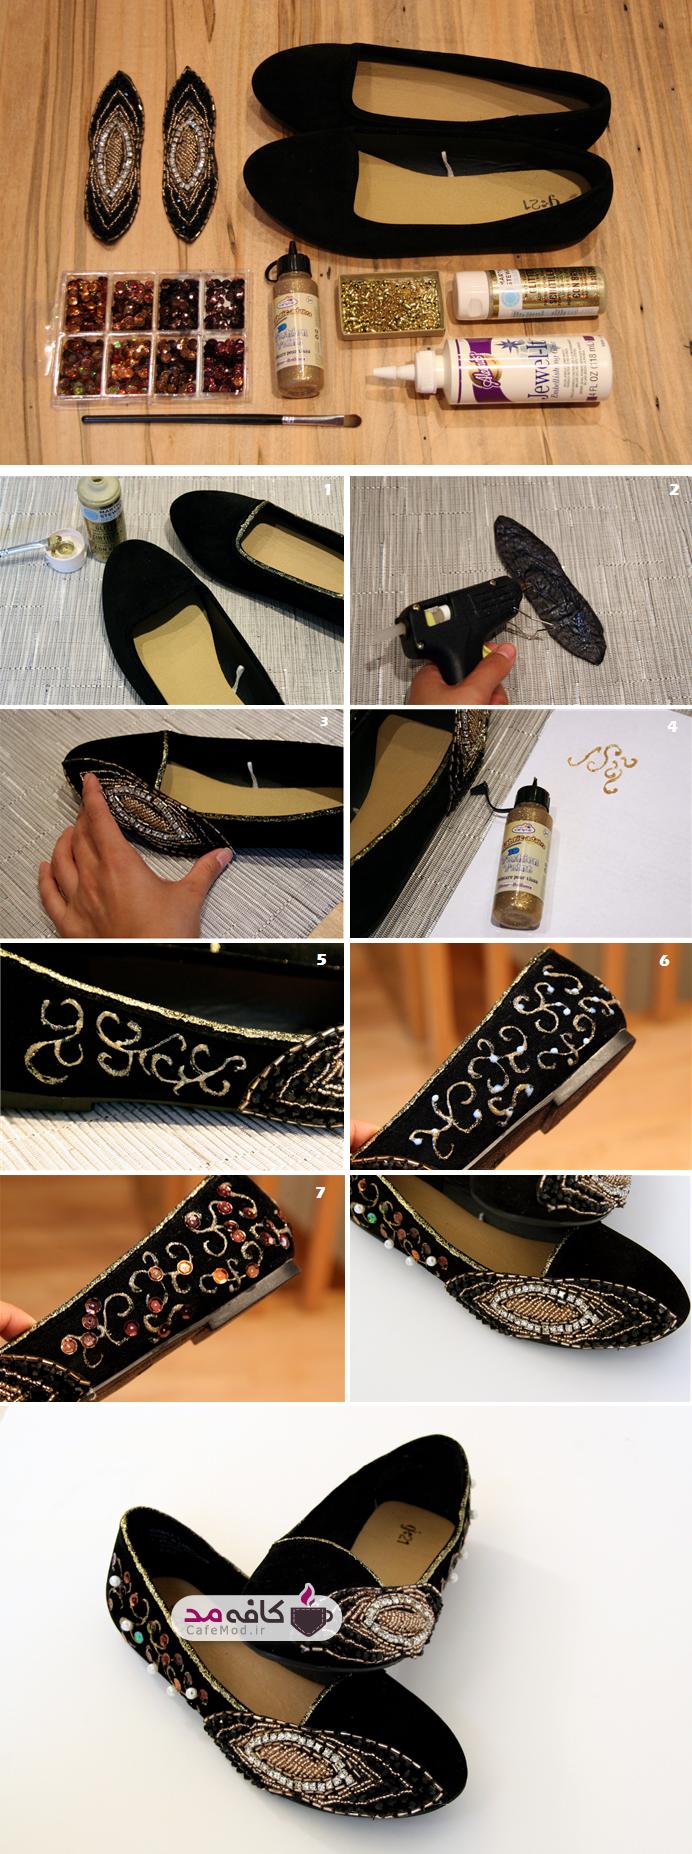 آموزش تصویری تزیین کفش راحتی